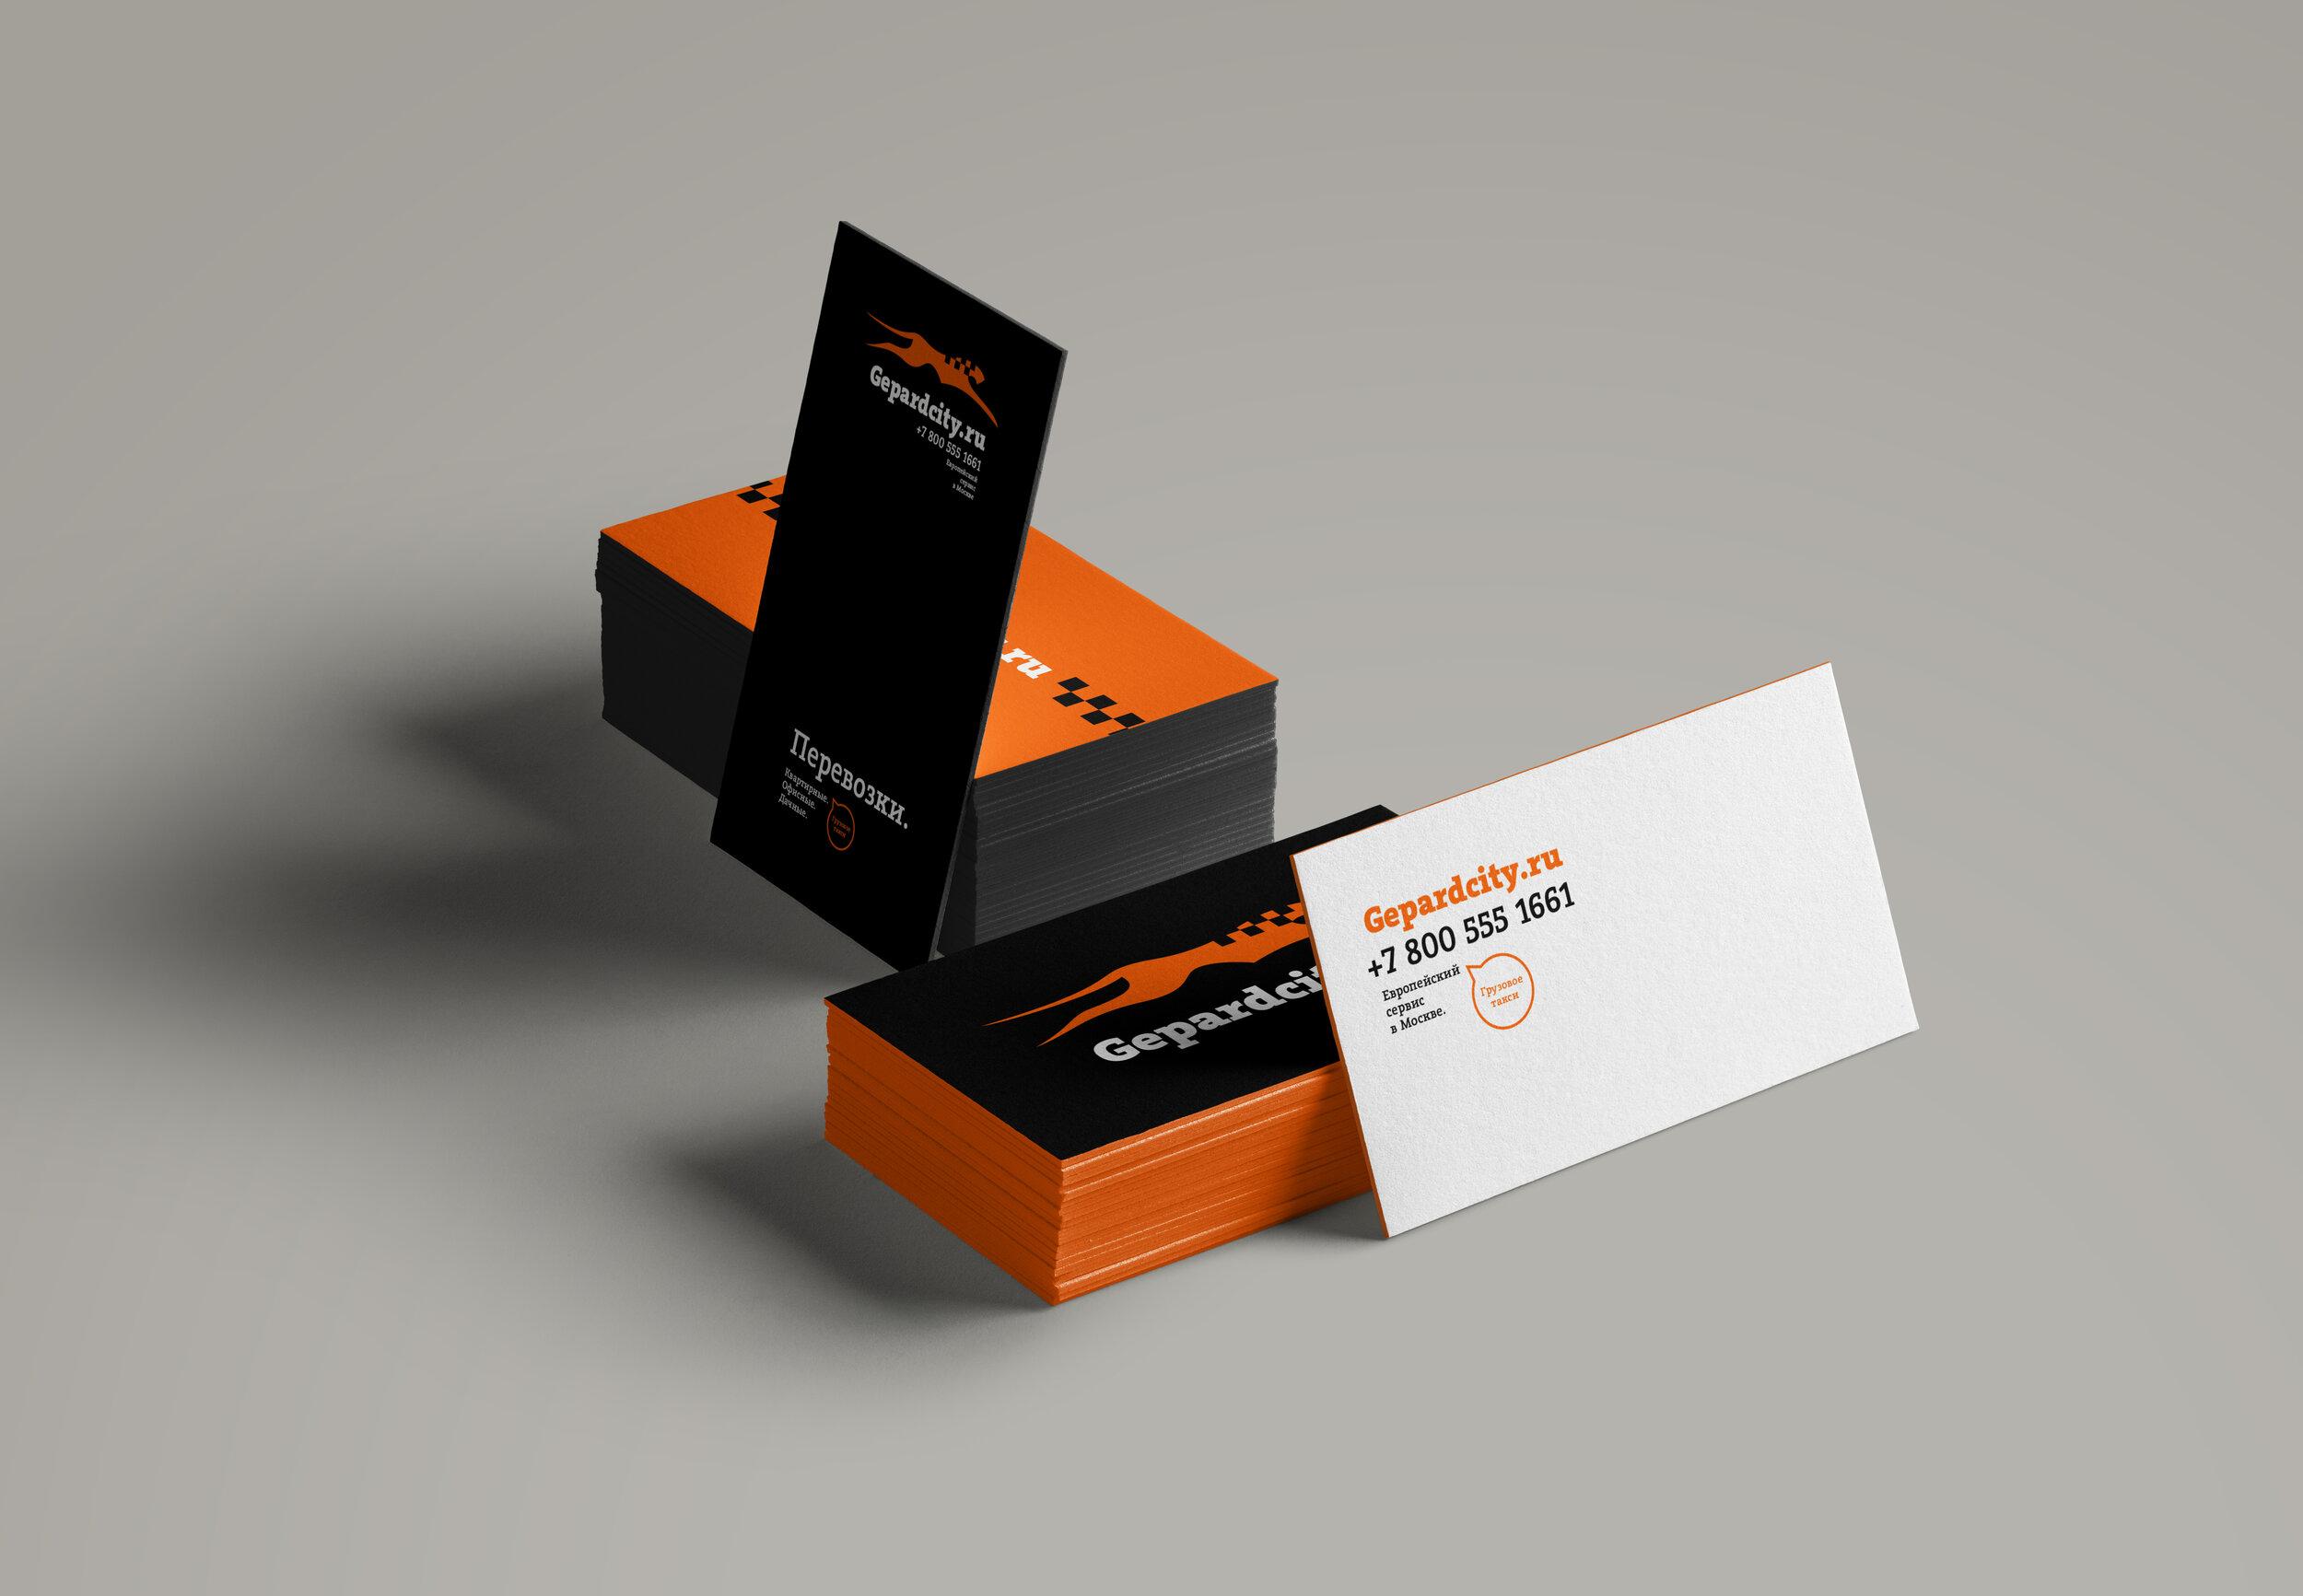 Яркая и узнаваемая айдентика, разработанная агентством, была использована  в оформлении автопарка компании, униформы, интернет-сайта, деловой документации, рекламно-информационных материалов и других носителей фирменного стиля